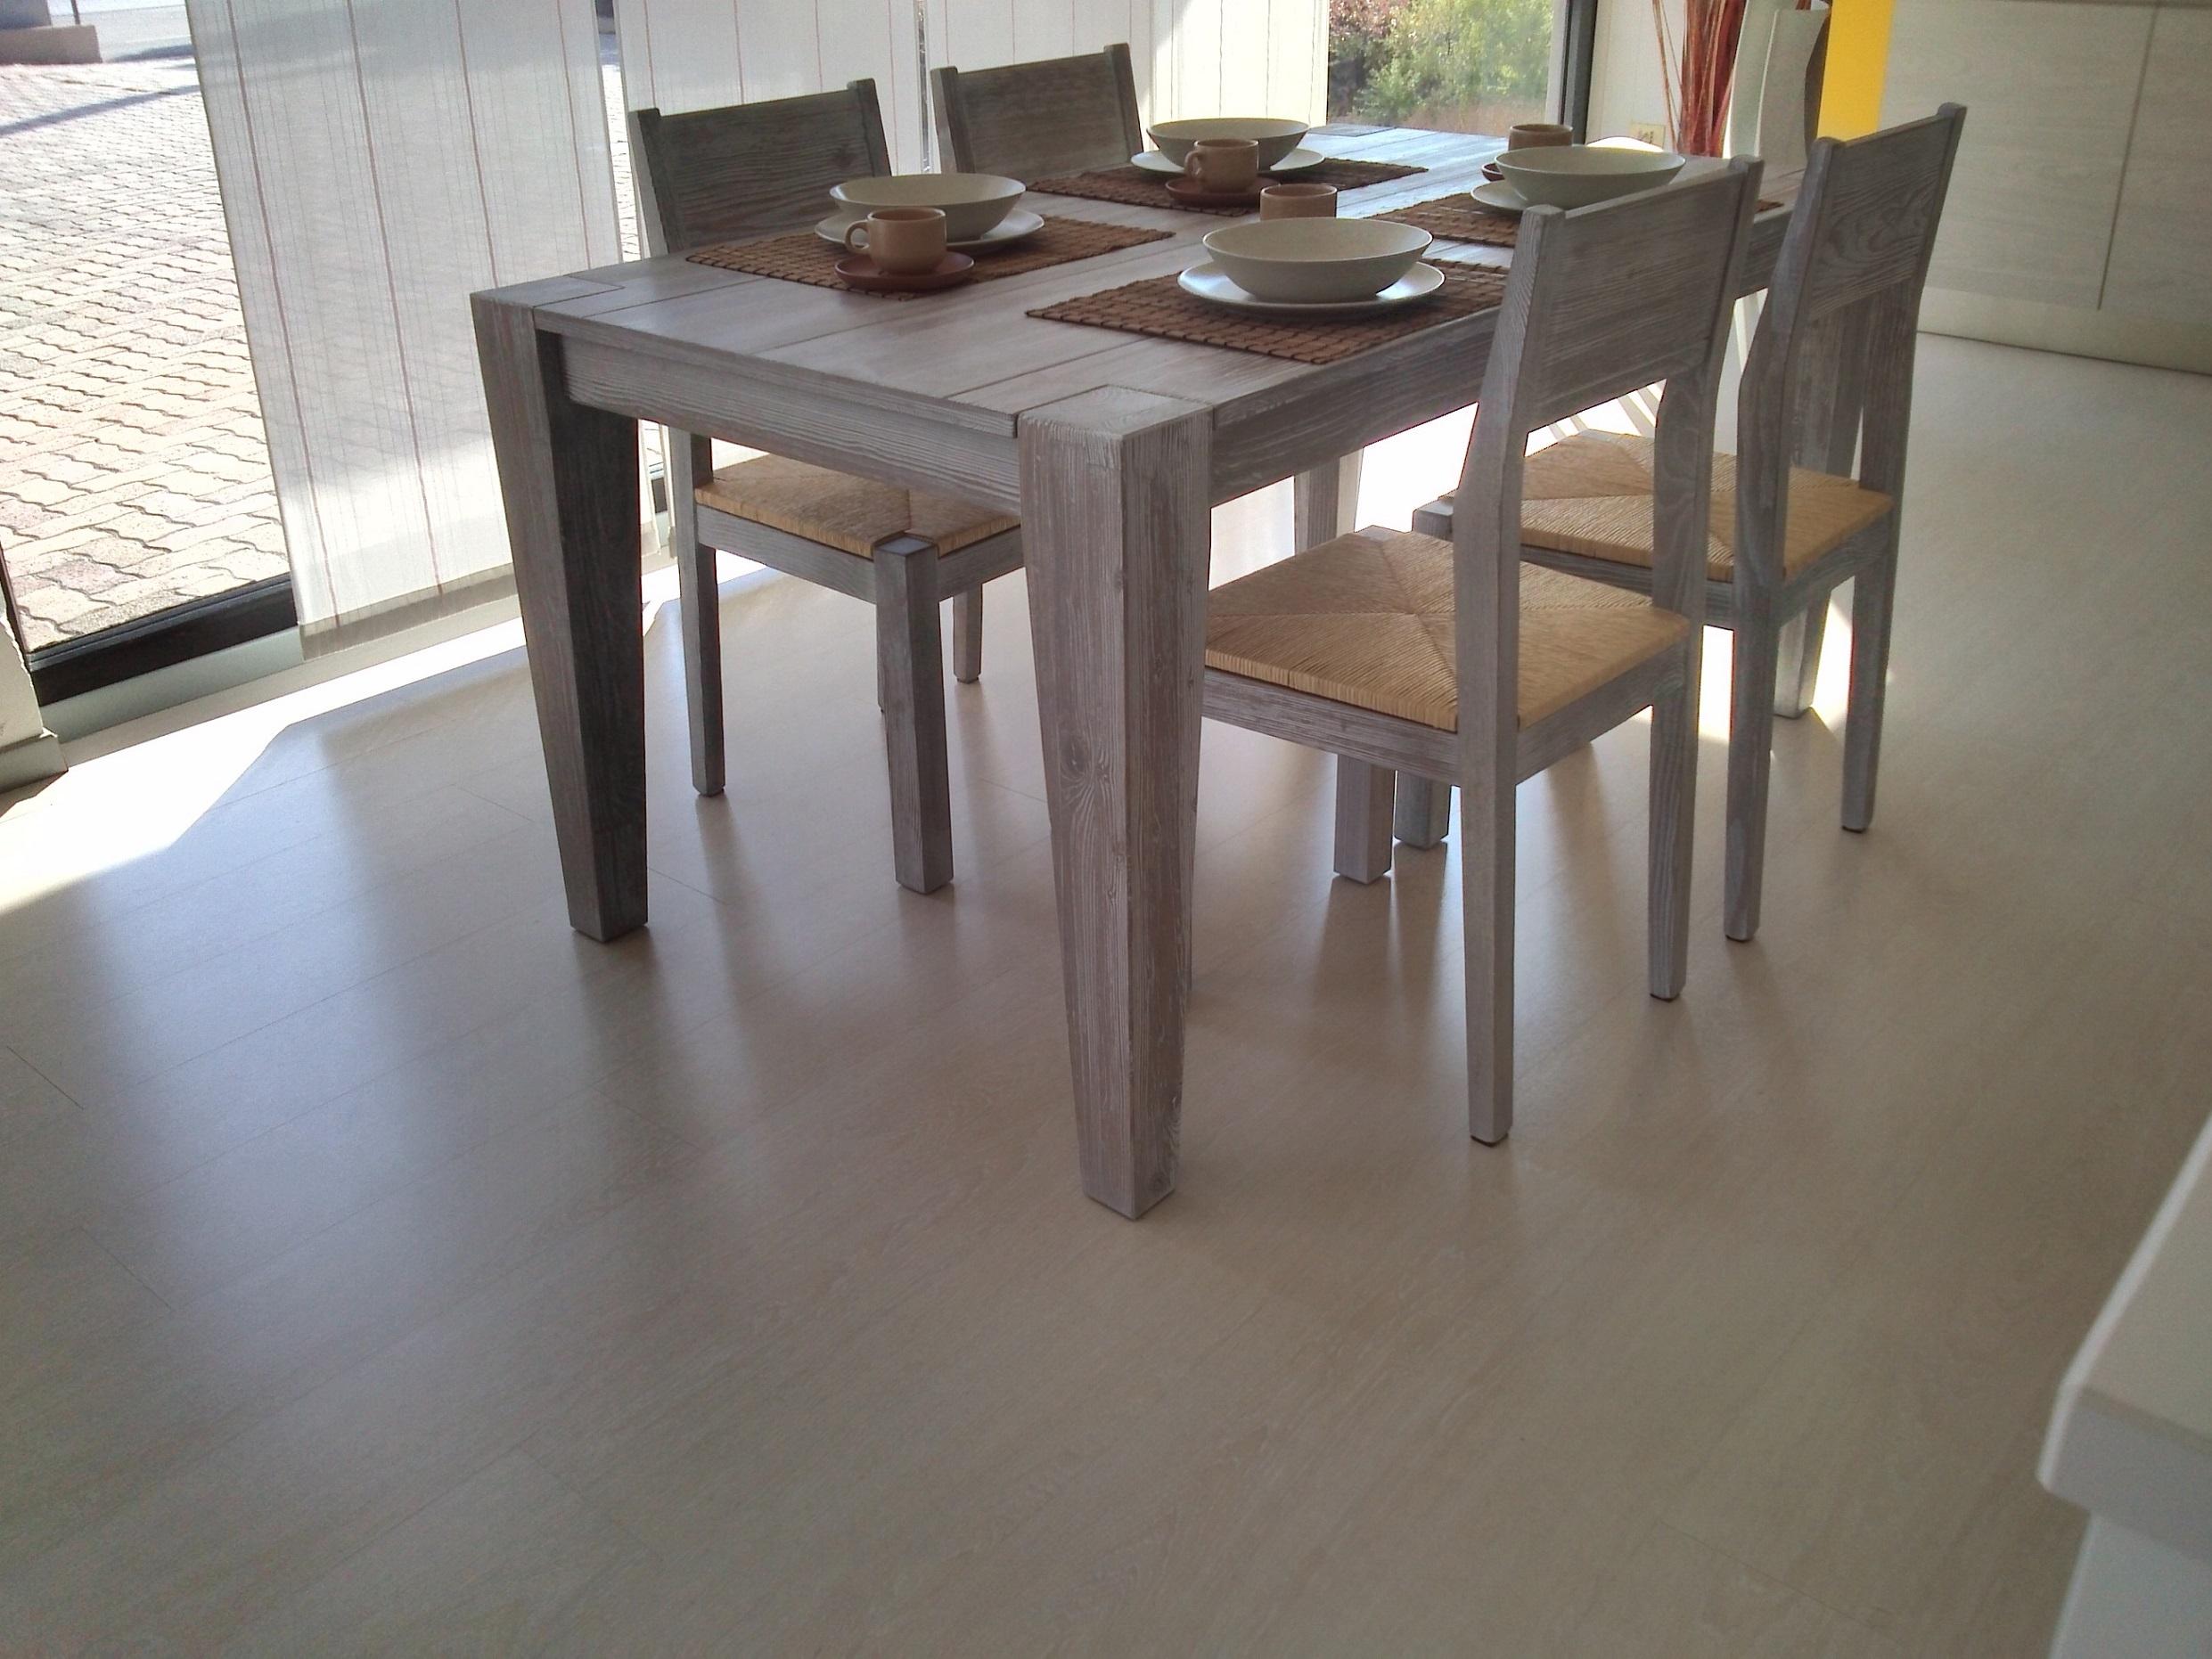 Mirandola tavolo acrisio scontato del 27 tavoli a - Tavolo riflessi prezzi ...